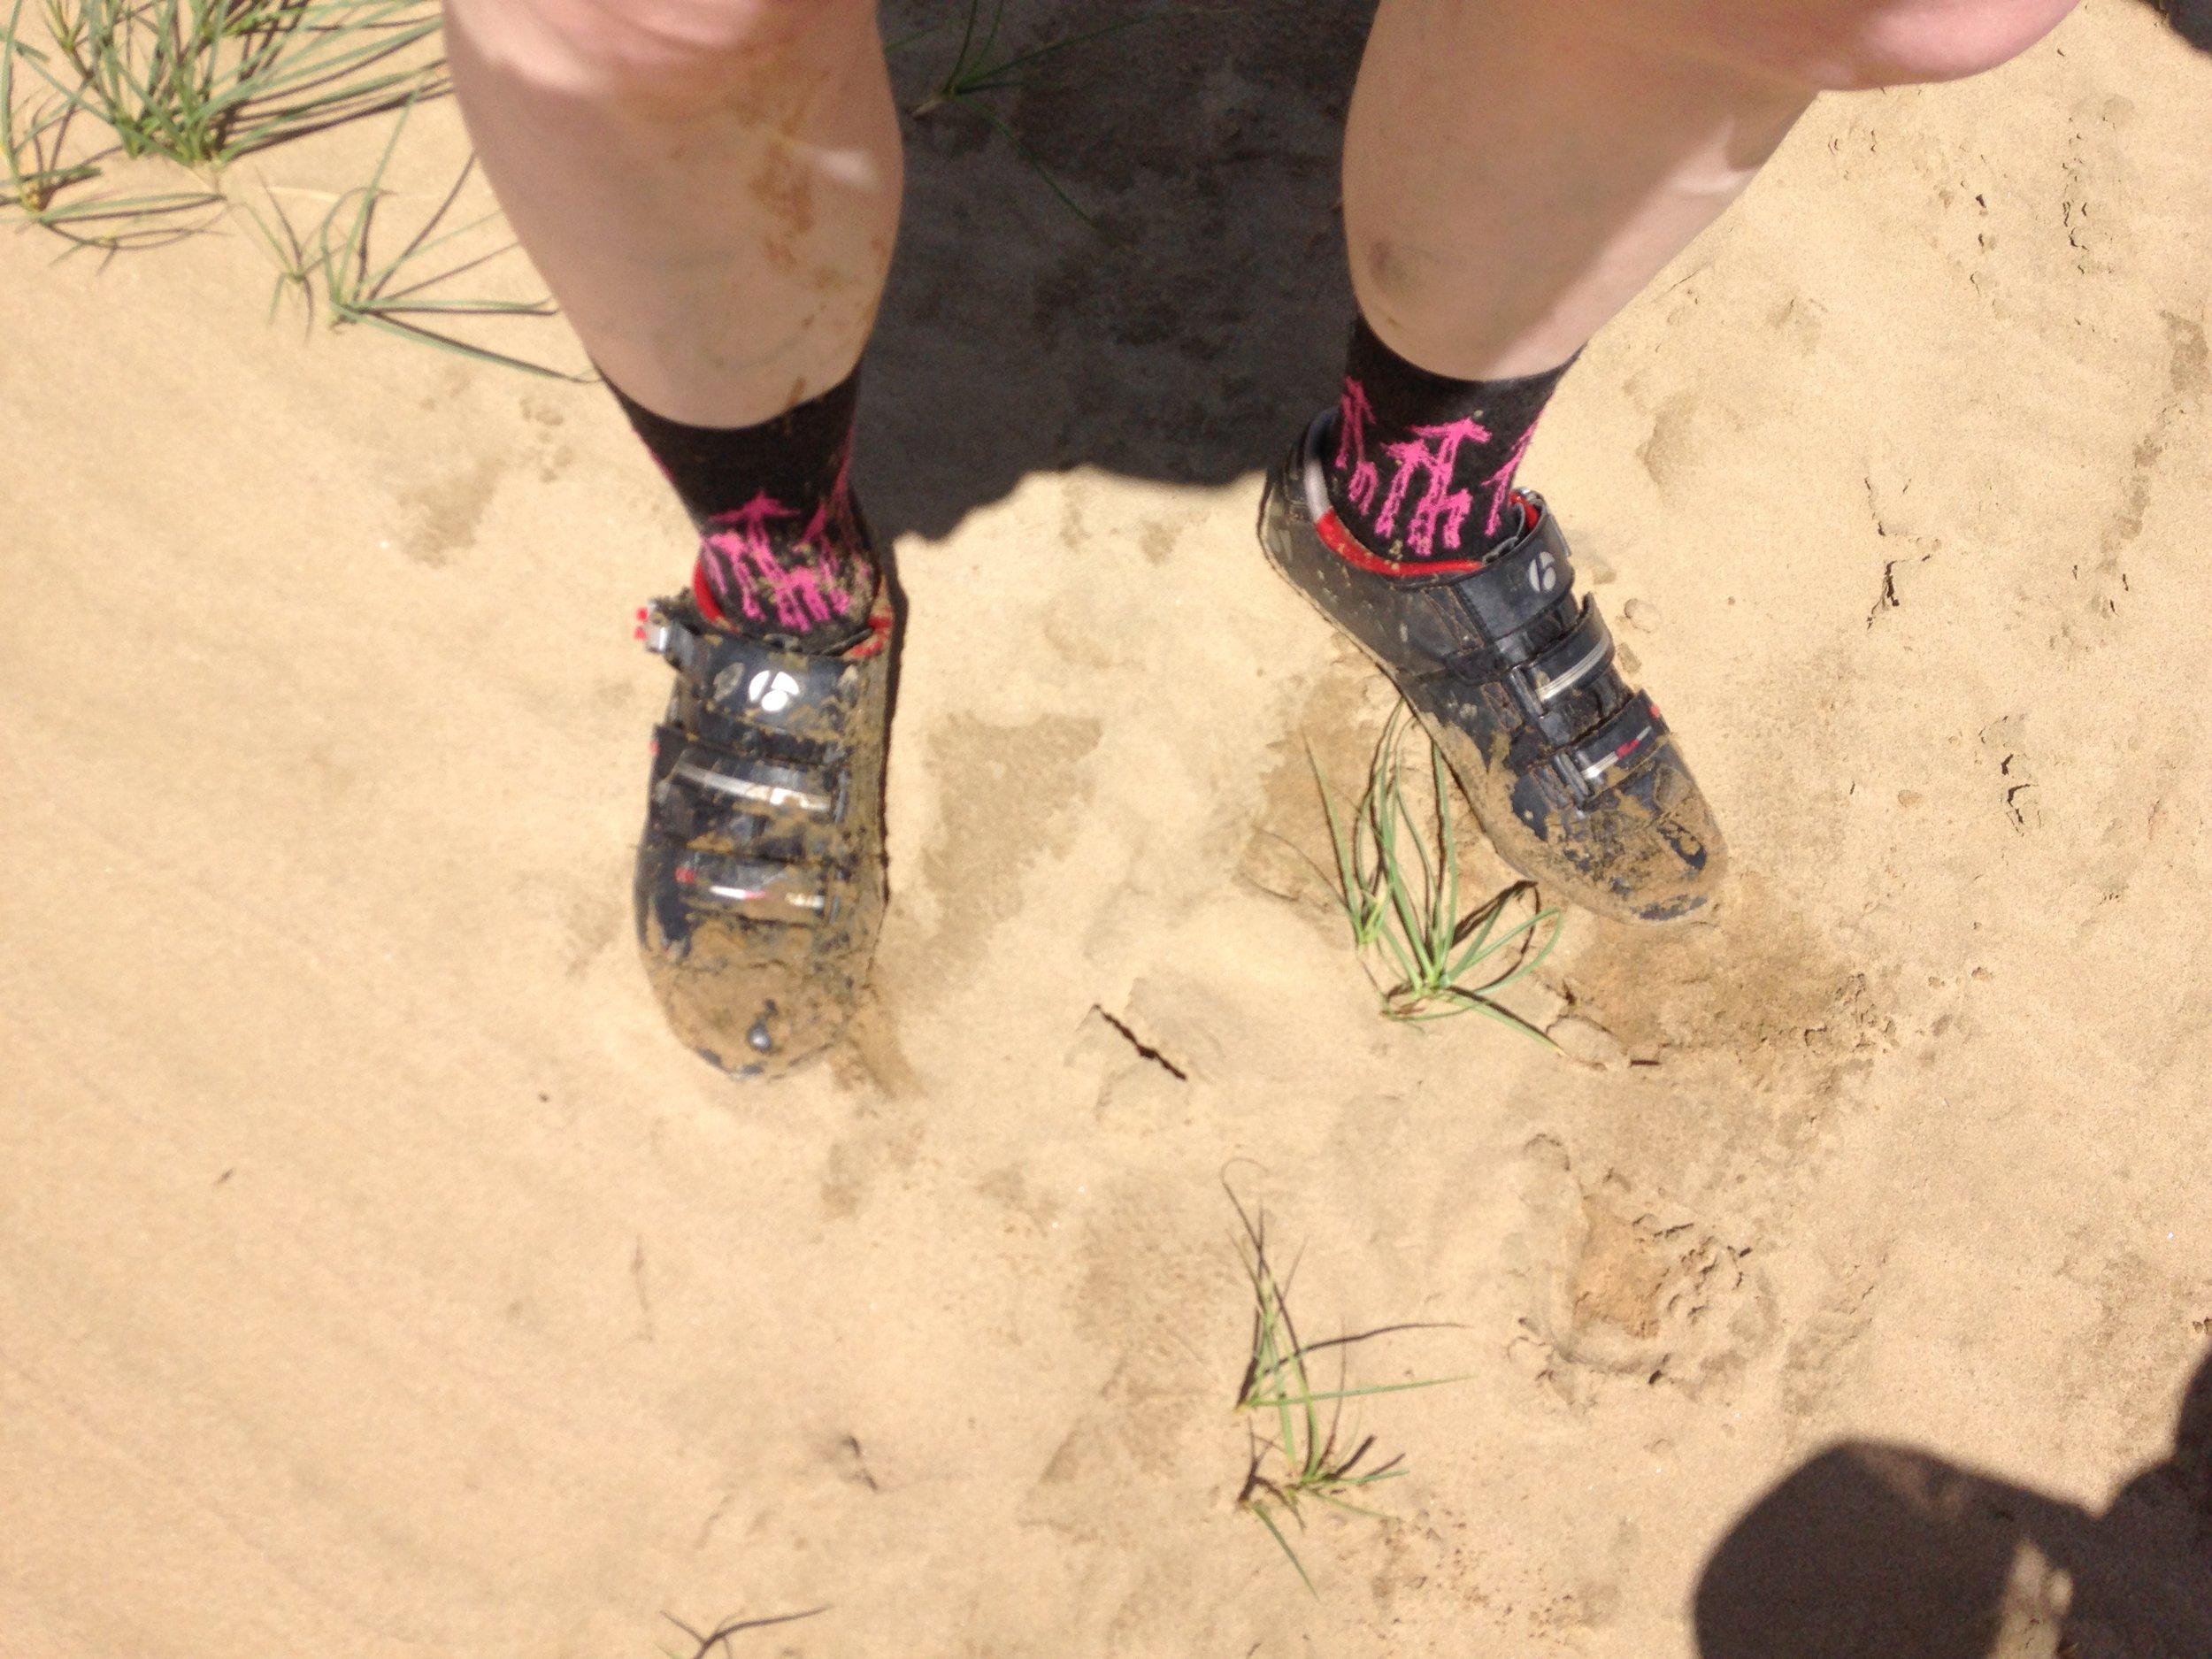 sand 90 mile beach tour aotearoa new zealand.JPG